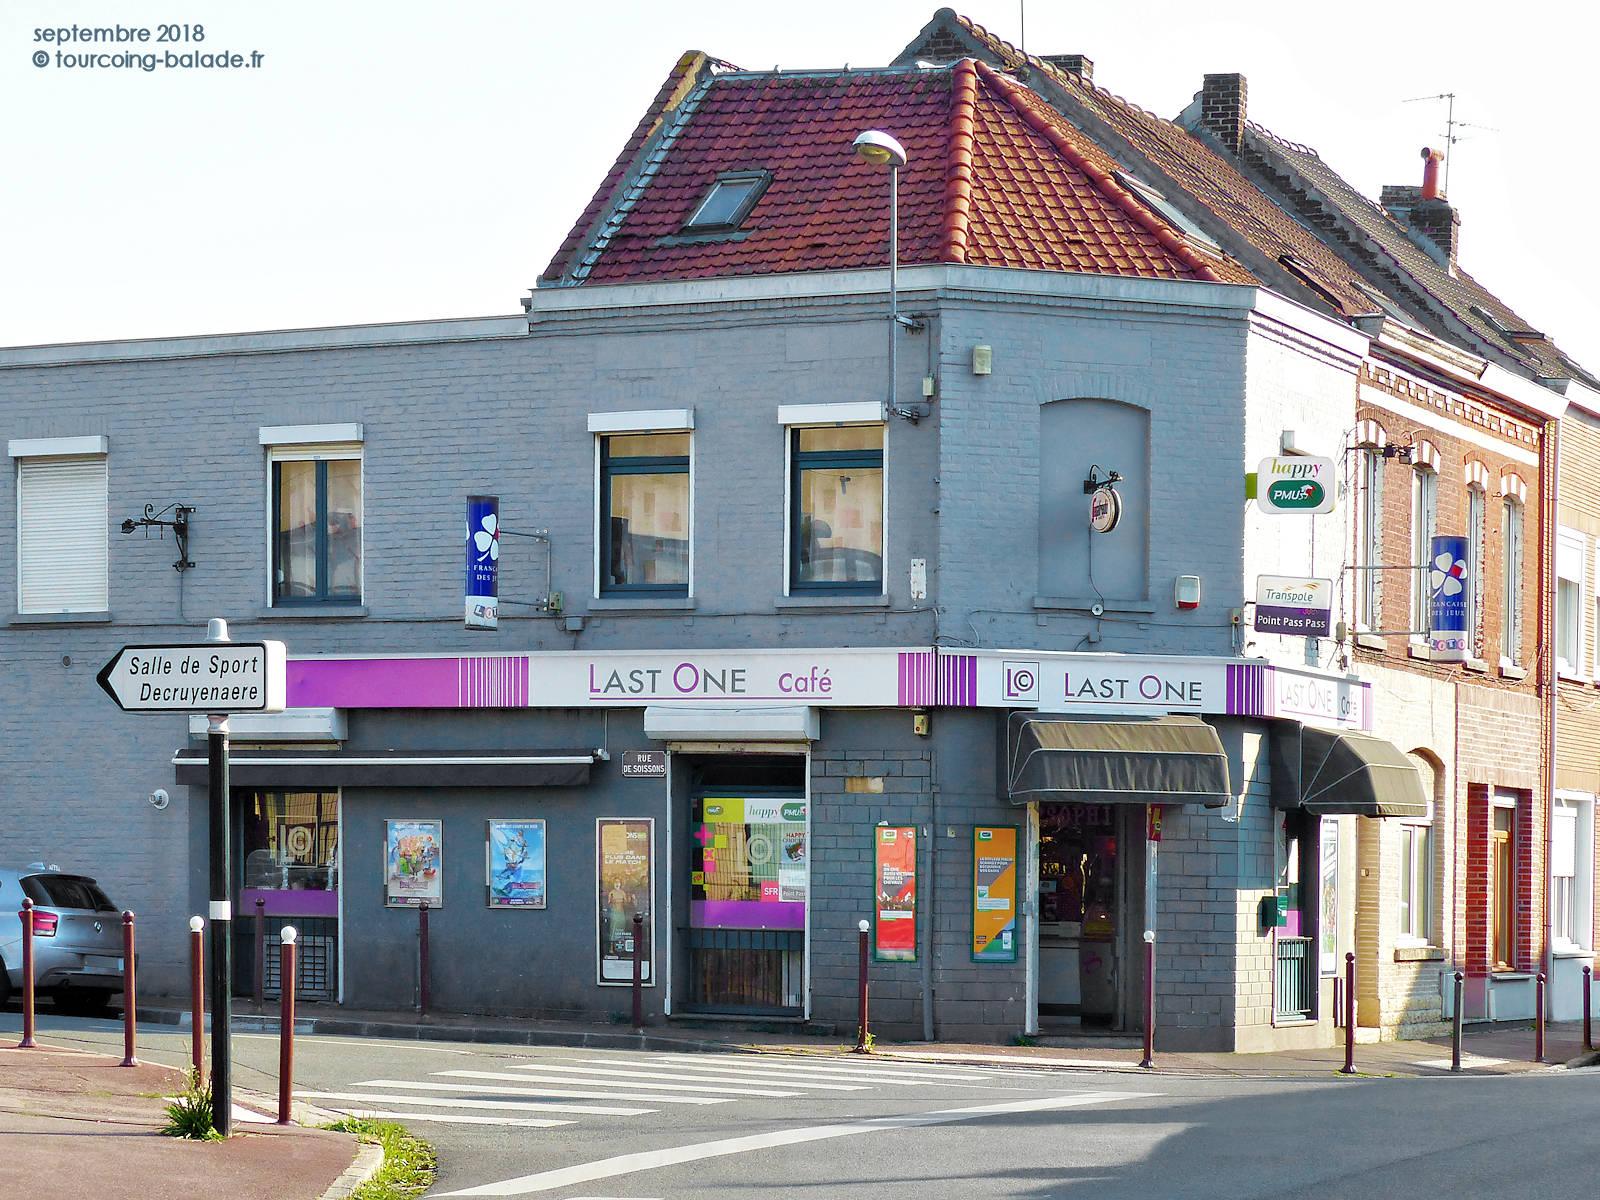 Last One Café, Tourcoing Marlière